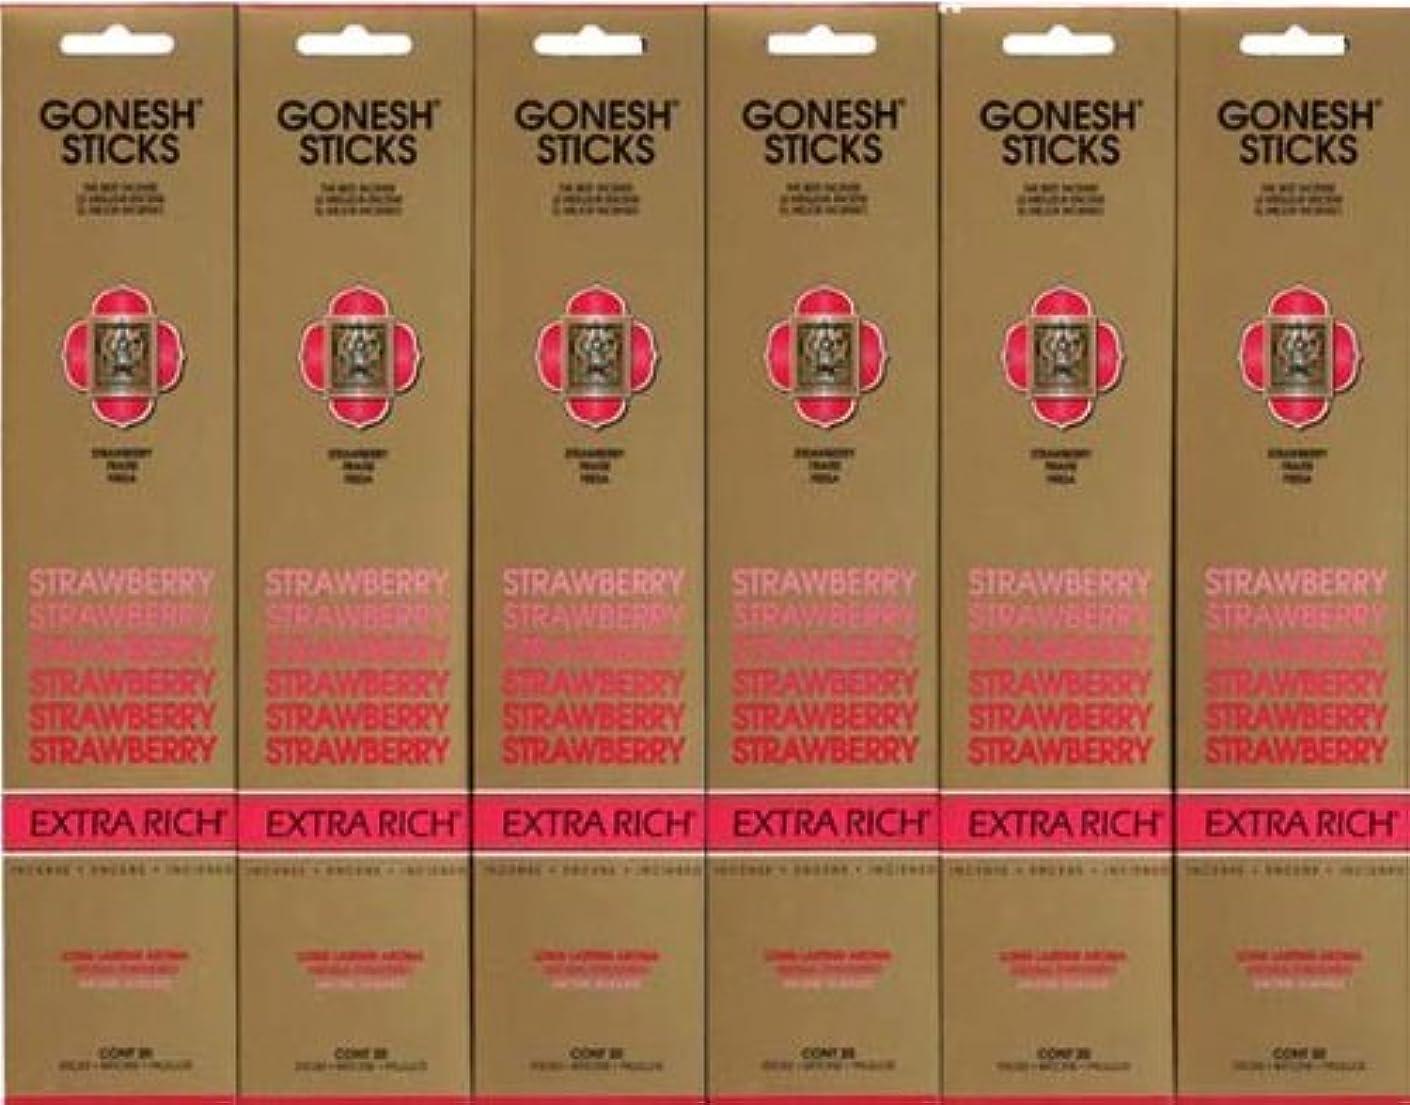 社会主義者冷ややかな大使GONESH STRAWBERRY ストロベリー スティック 20本入り X 6パック (120本)